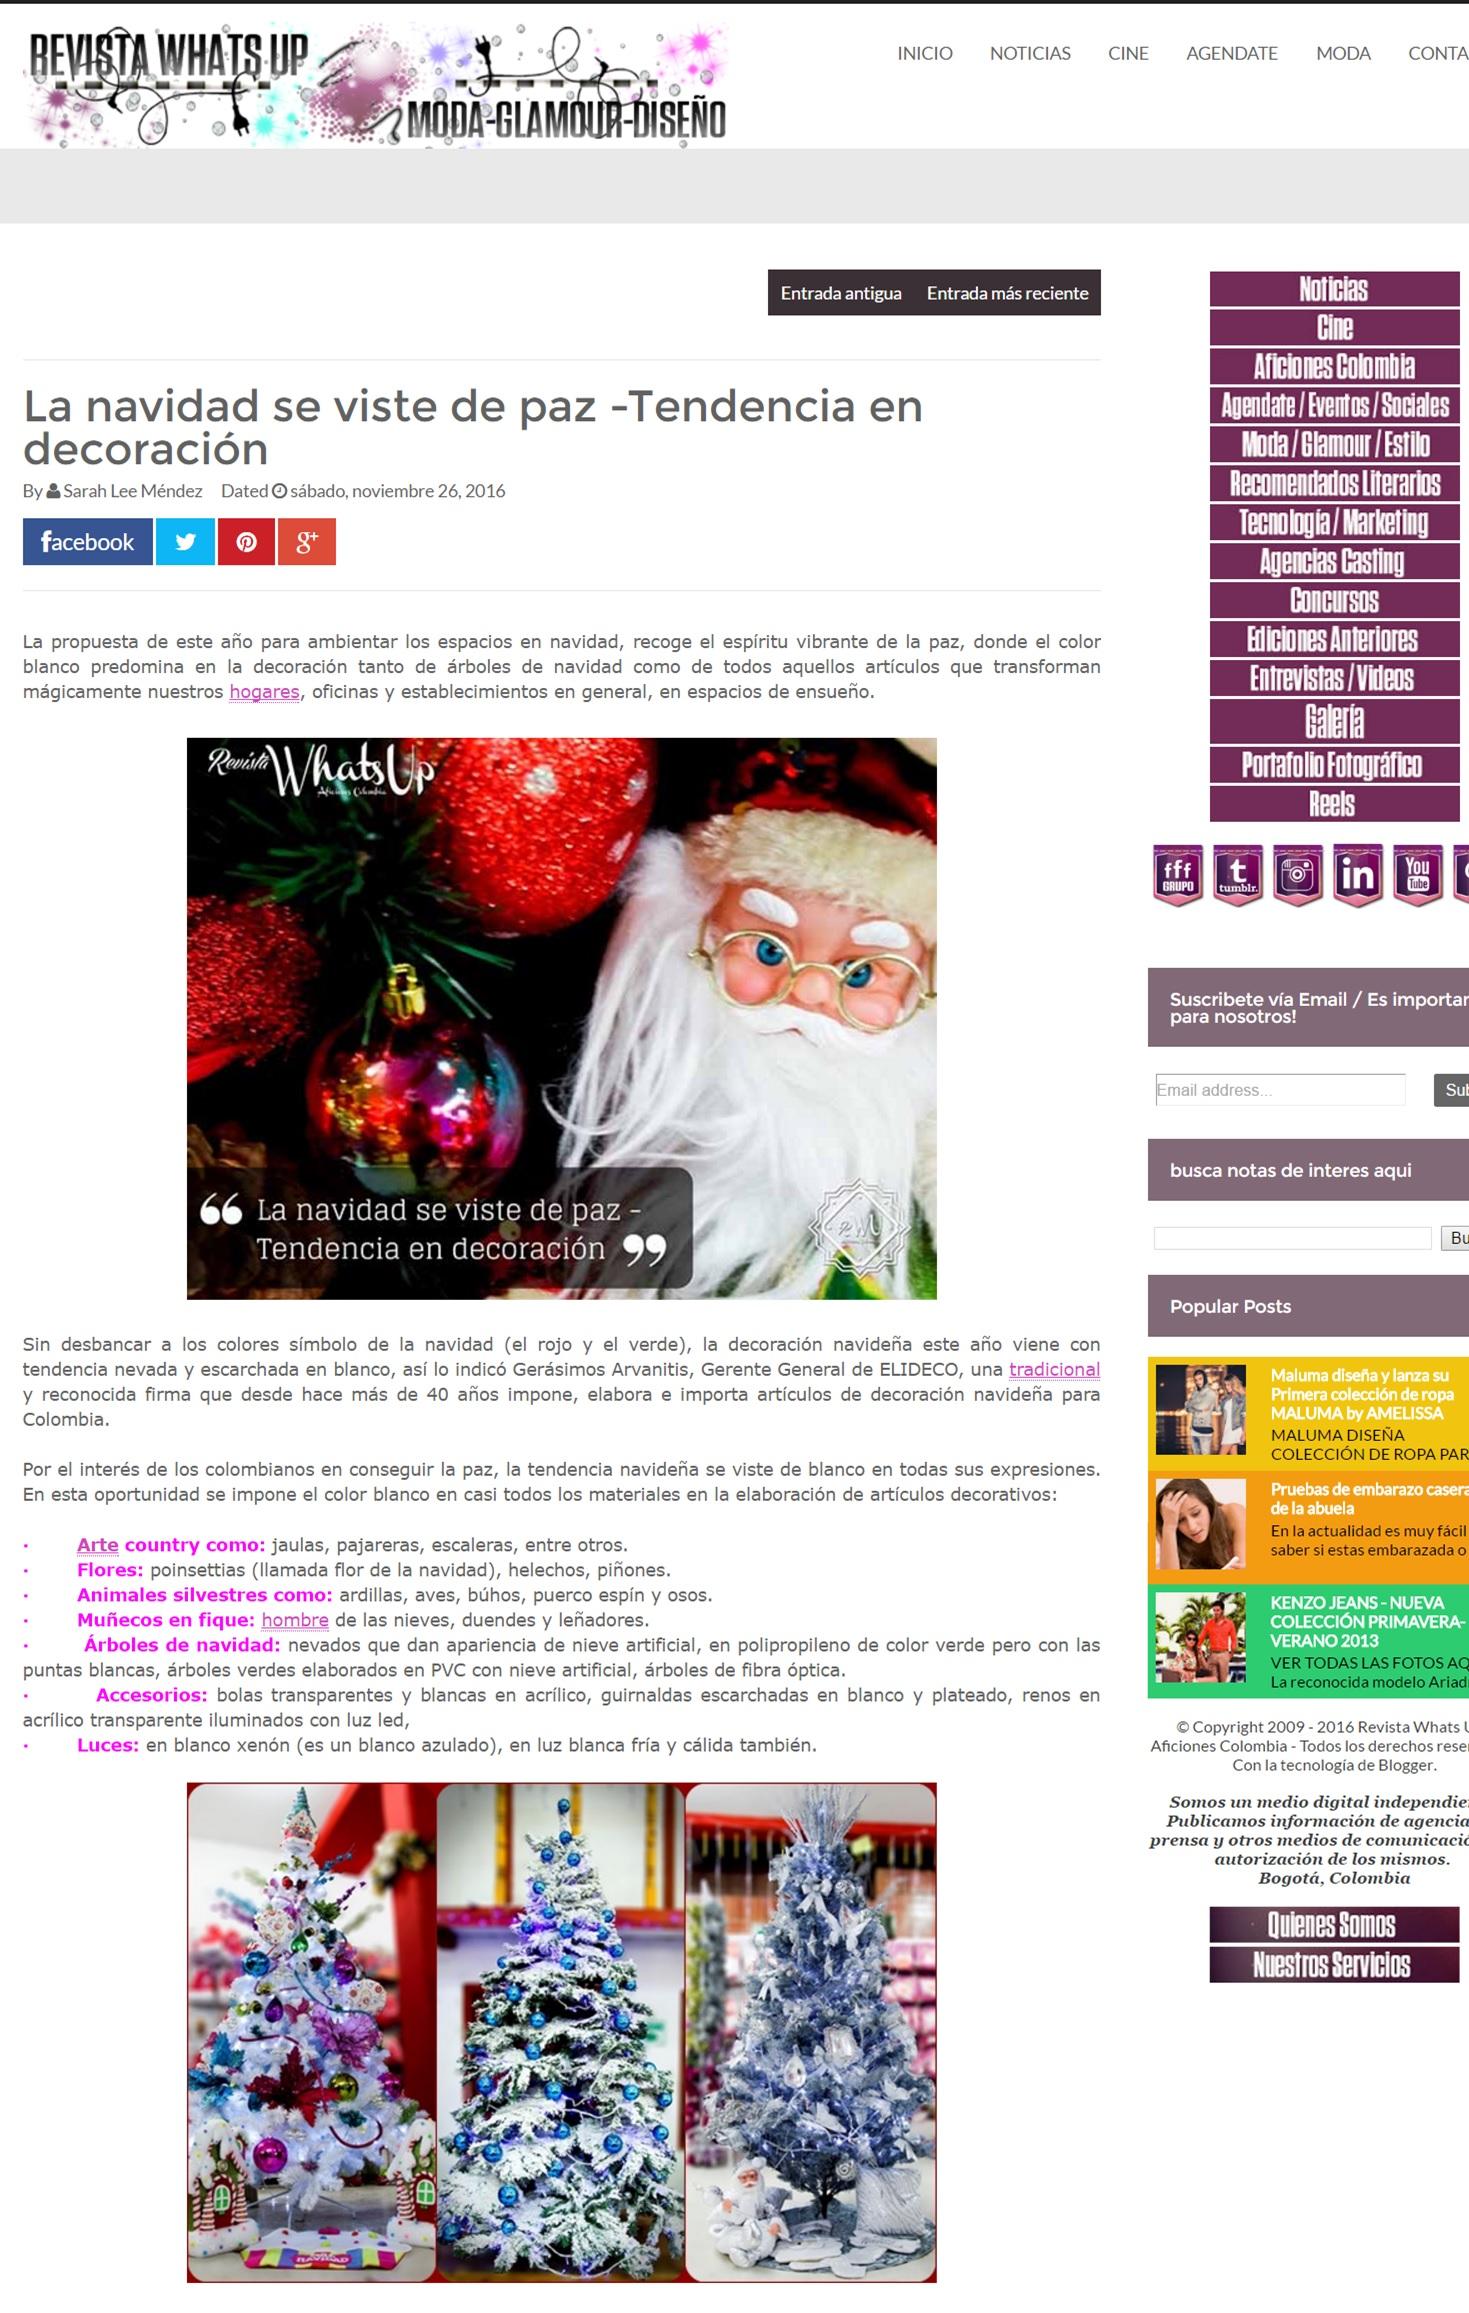 Revista Whats Up 26 de Noviembre de 2016 [web]